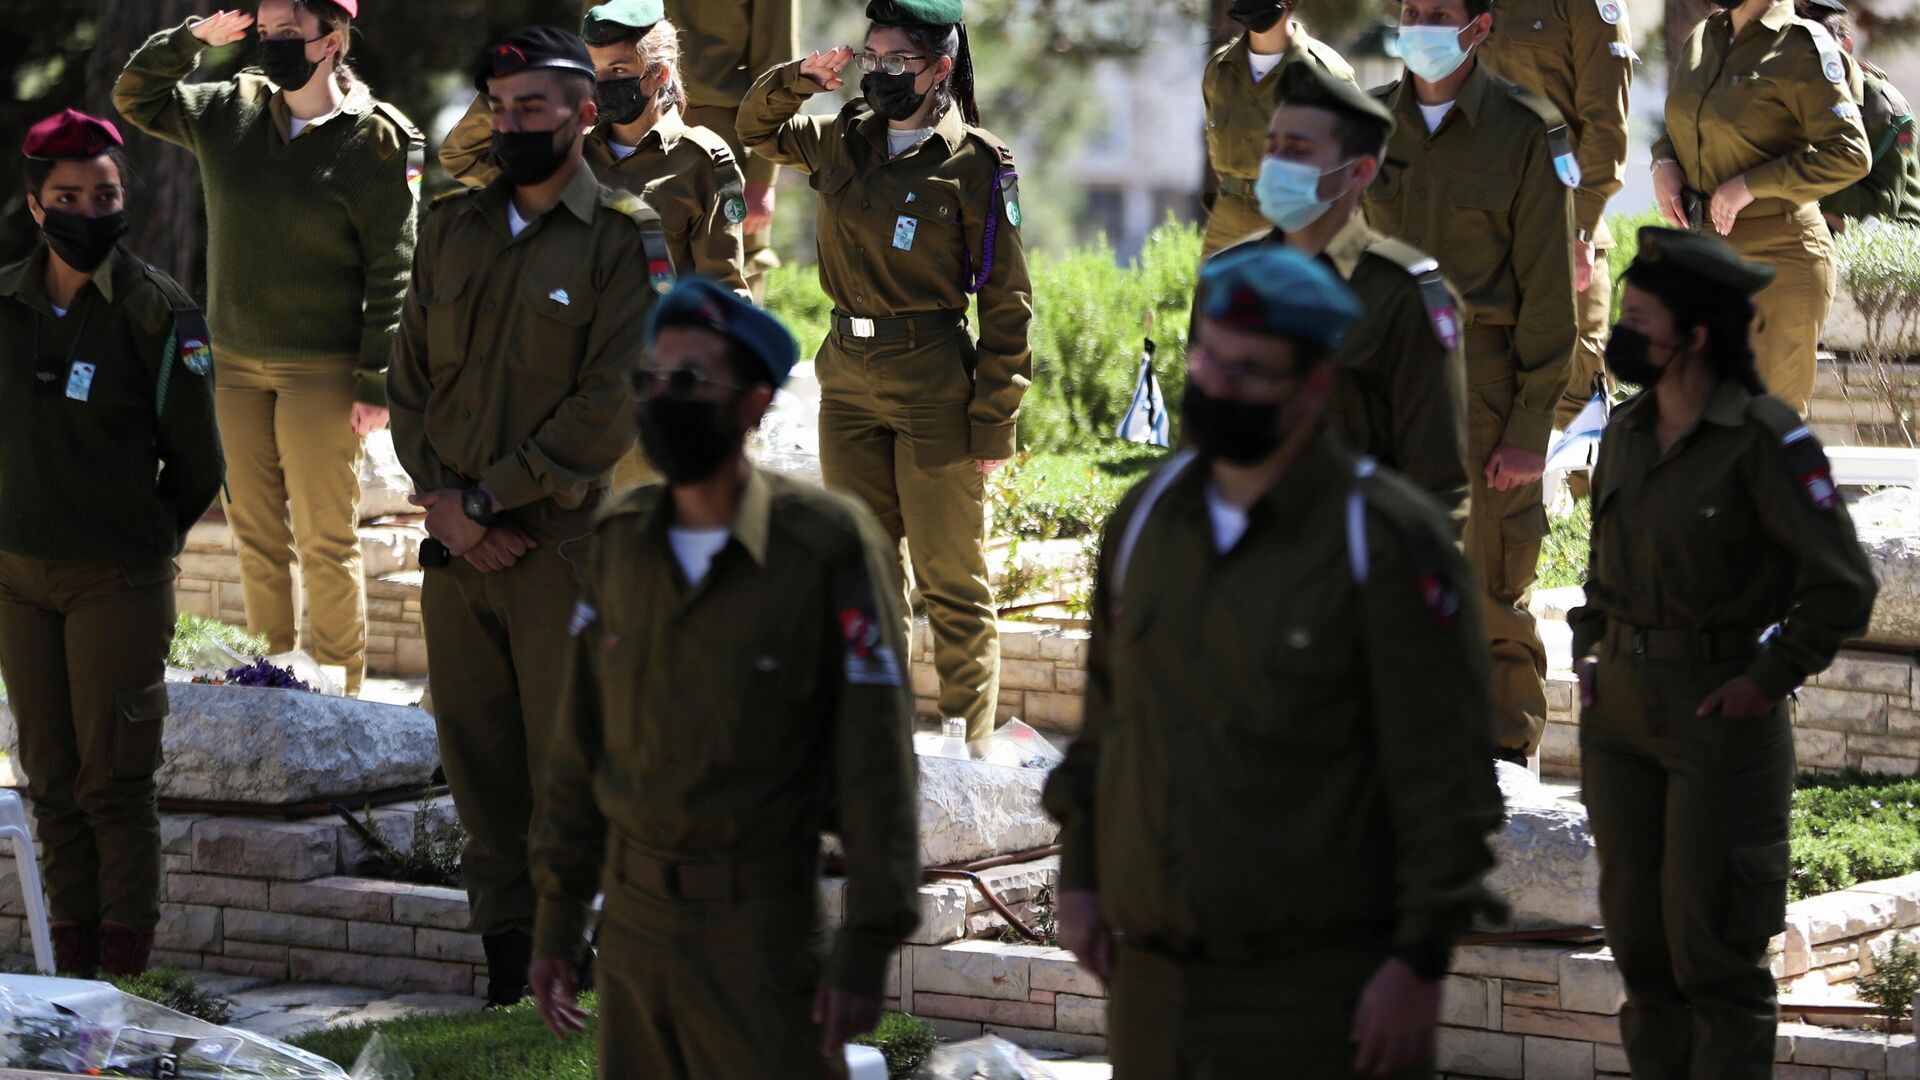 Los soldados israelíes conmemoran a víctimas del terrorismo en el Día de los Caídos, Jerusalem, el 14 de abril de 2021 - Sputnik Mundo, 1920, 14.04.2021